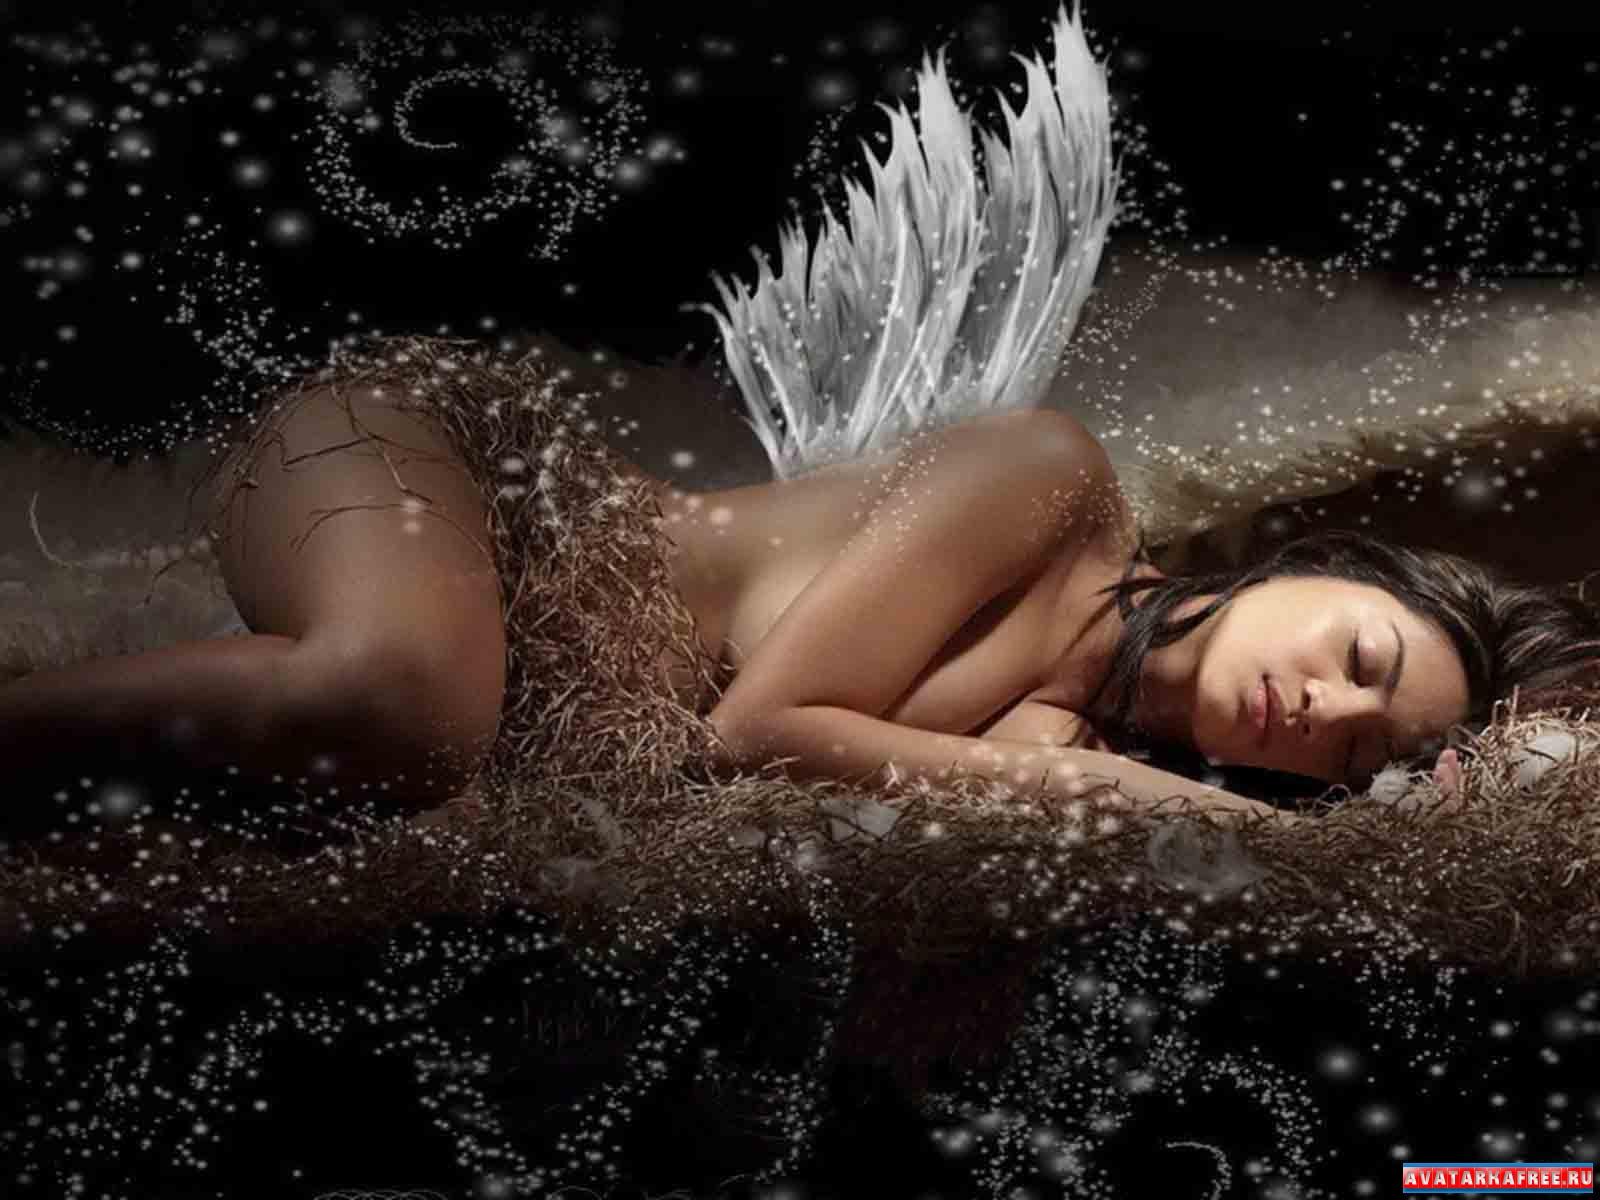 Снотворное для сна девошка пасыпала в стакан 24 фотография